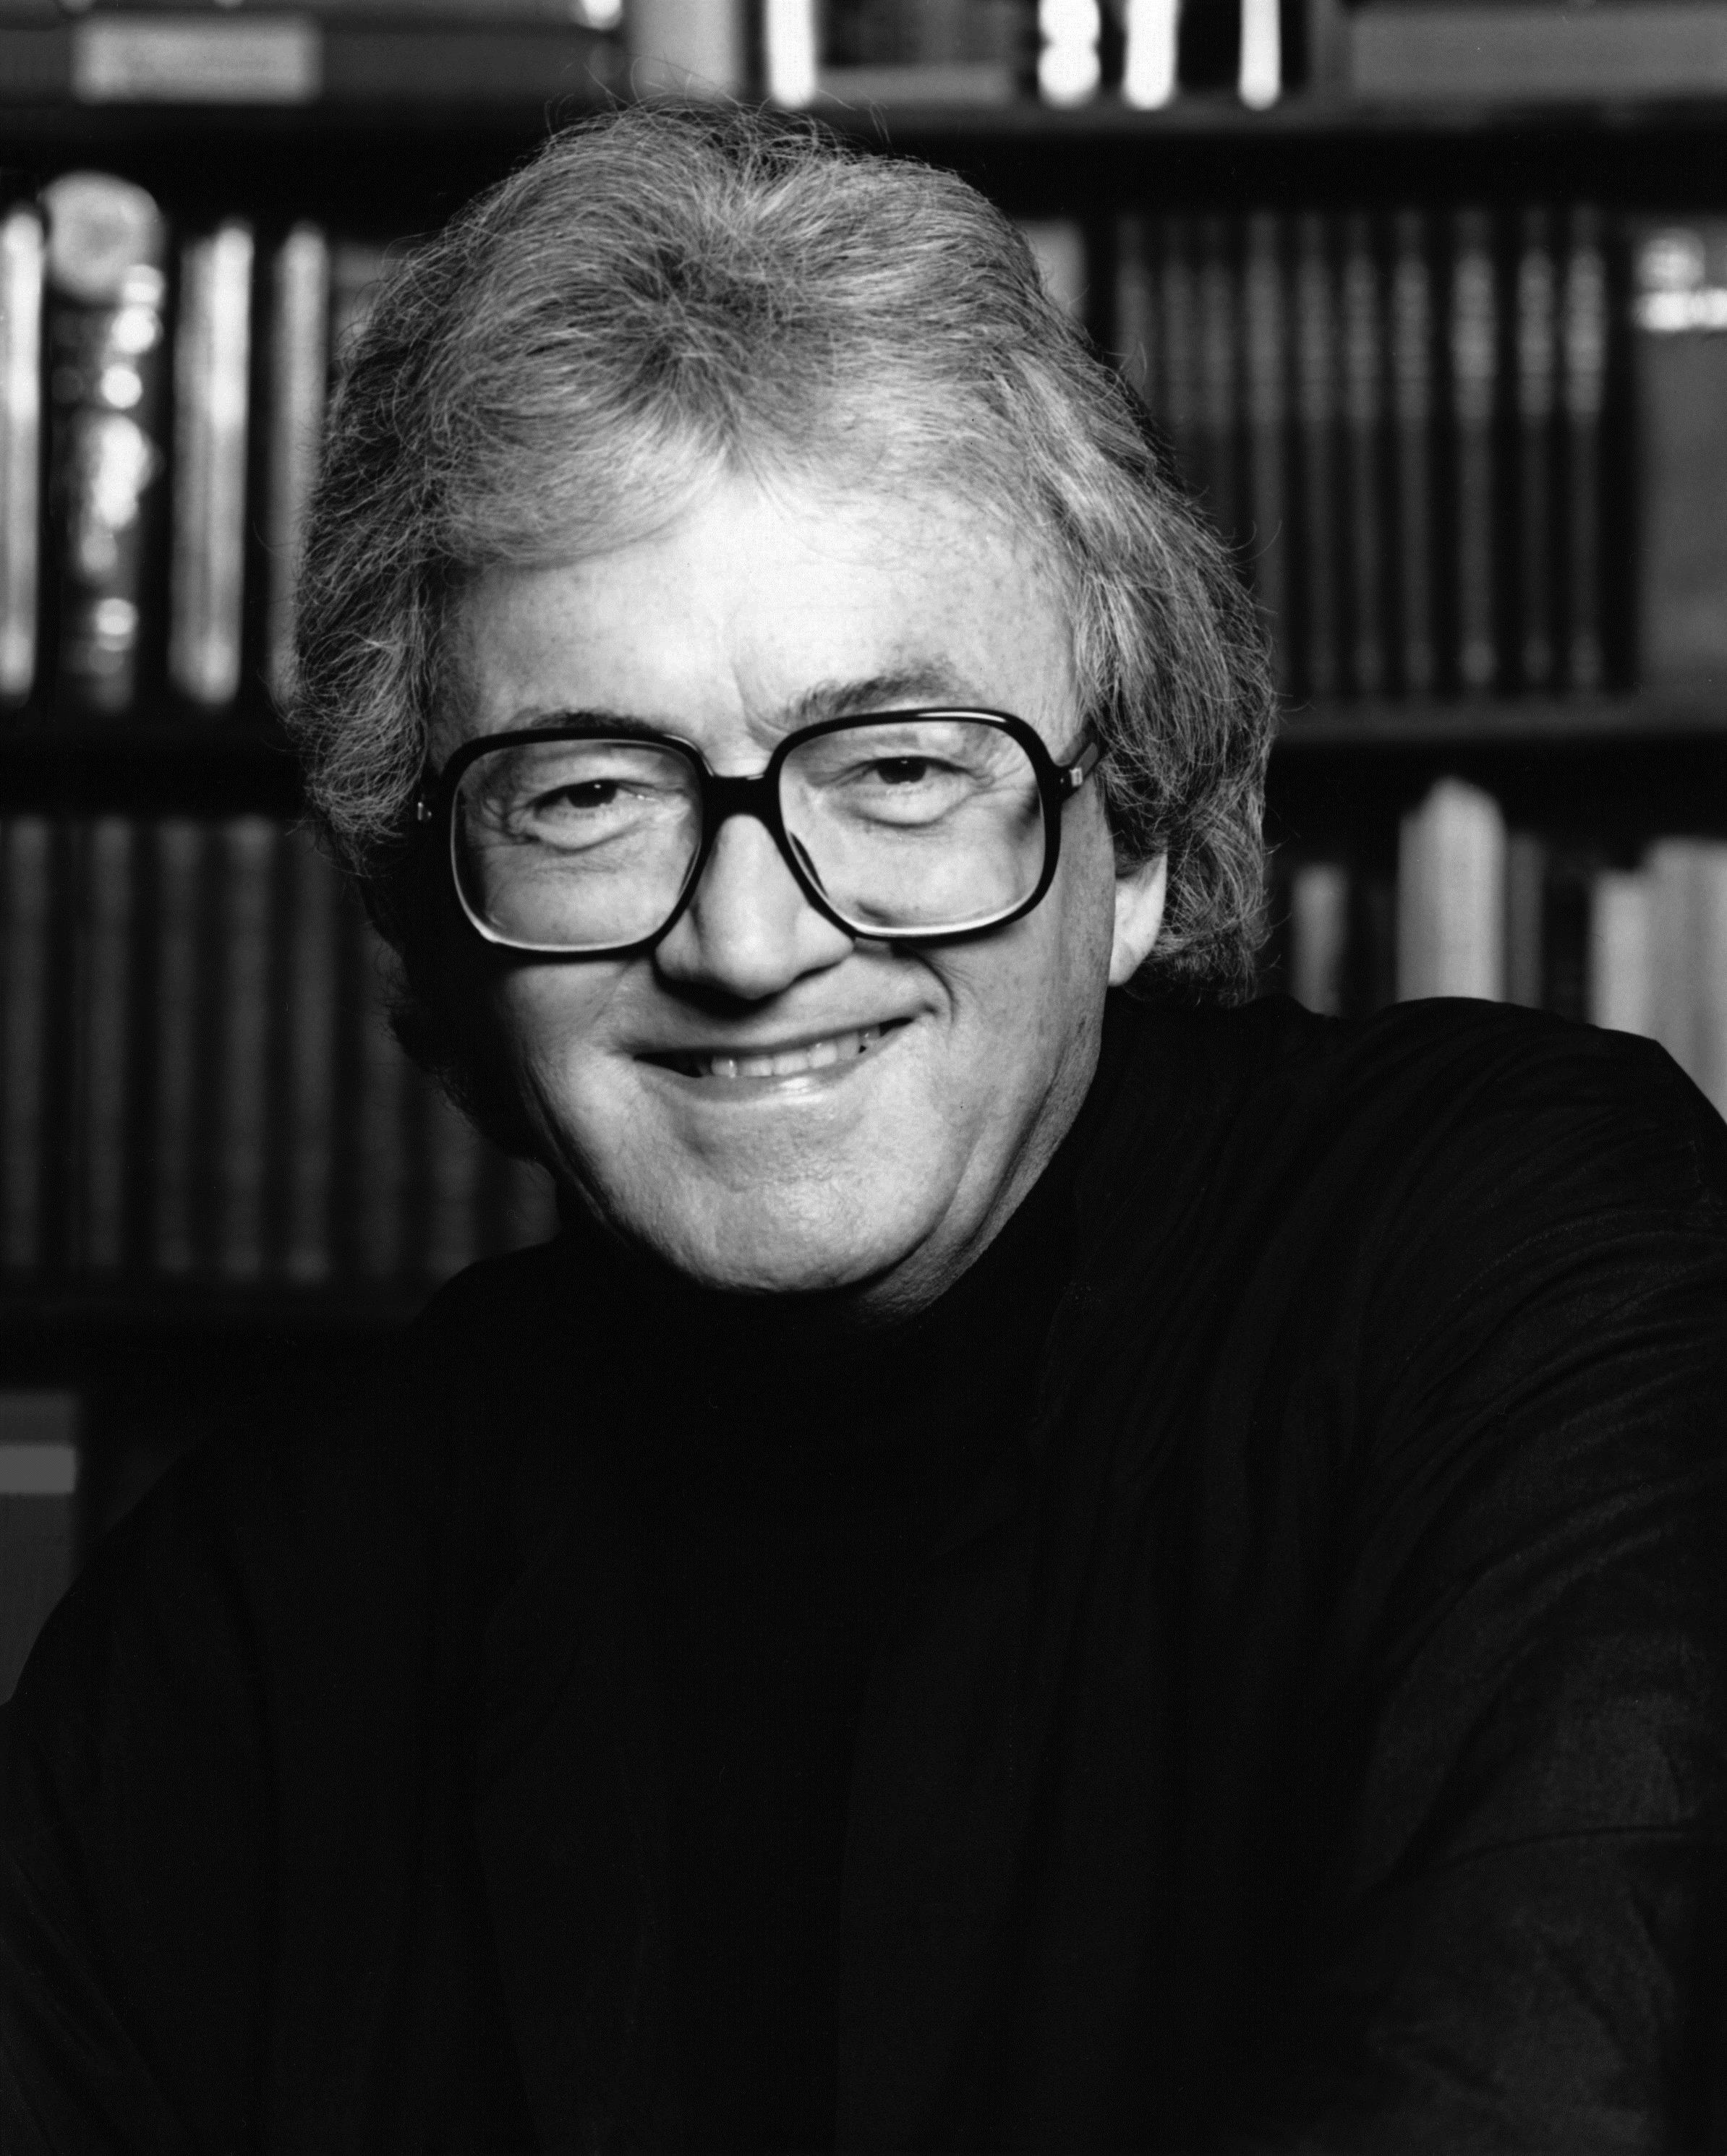 Obituary: Leslie Bricusse, komposer dan penulis lirik pemenang Oscar